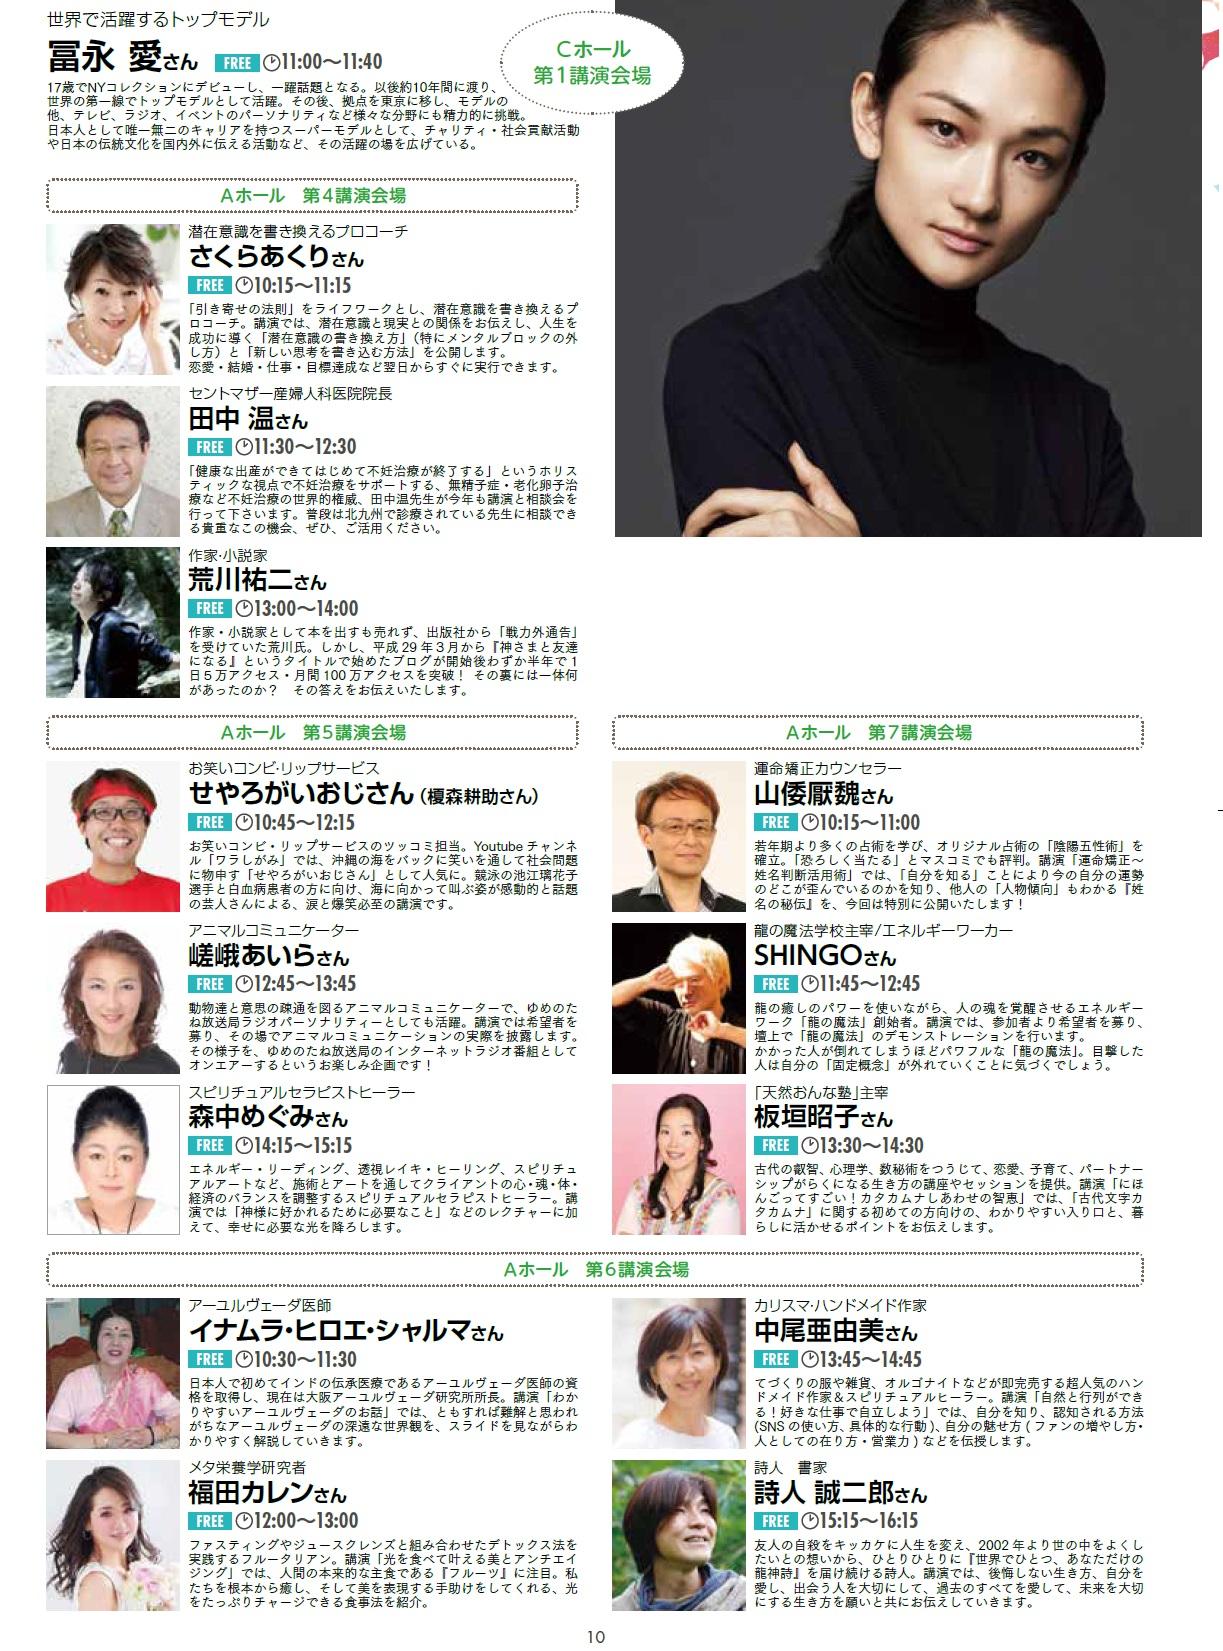 癒しフェア大阪2019パンフ